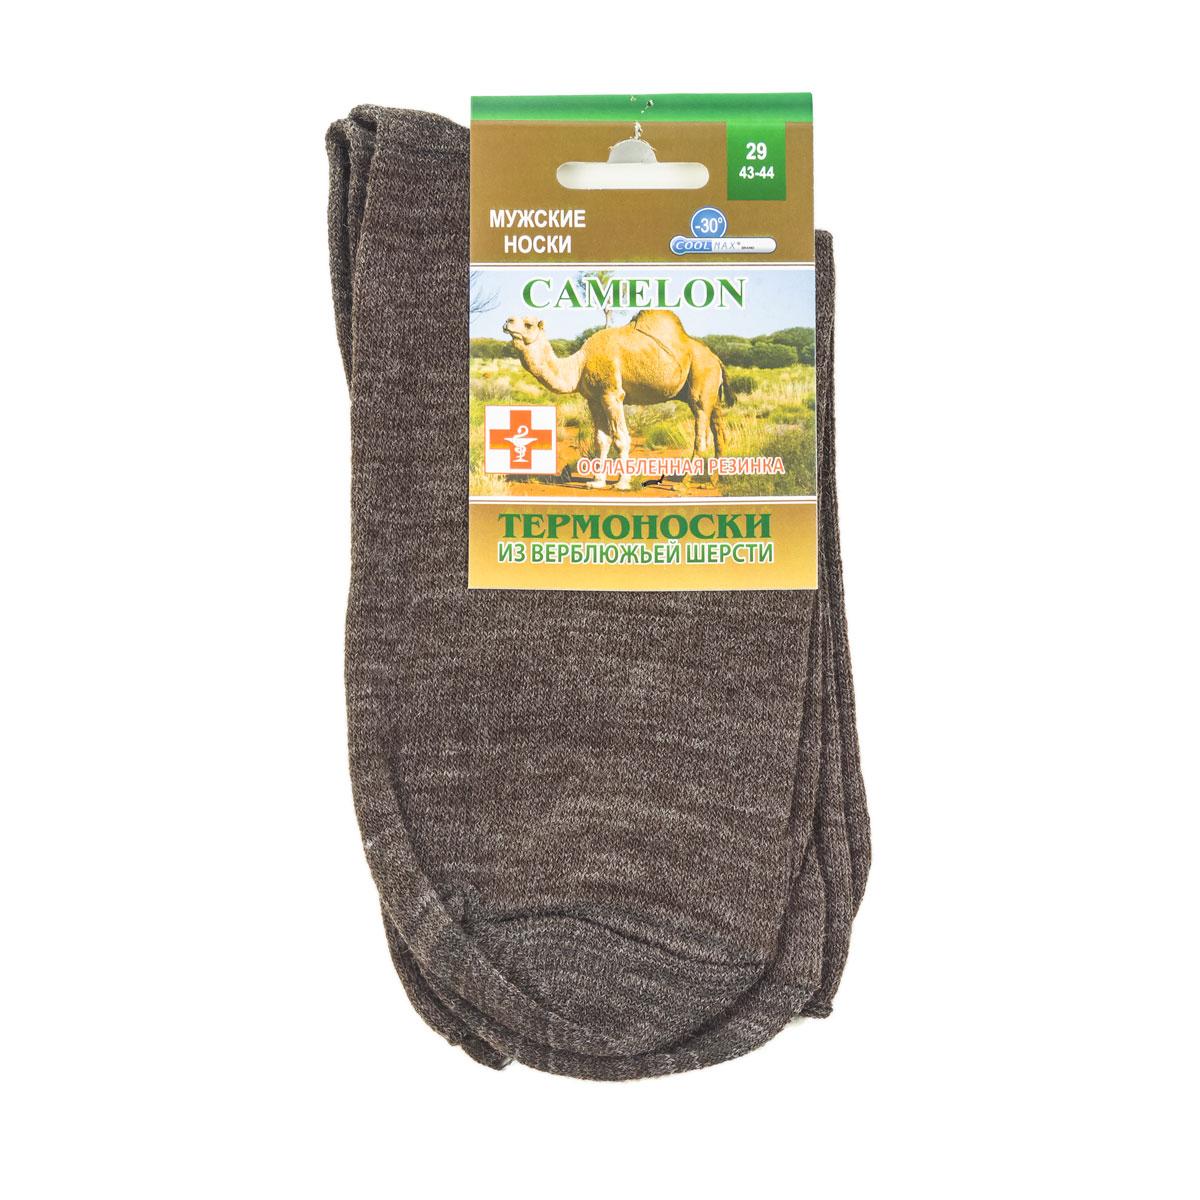 Муж. носки Шерсть р. 43-44Носки<br><br><br>Тип: Муж. носки<br>Размер: 43-44<br>Материал: Верблюжья шерсть